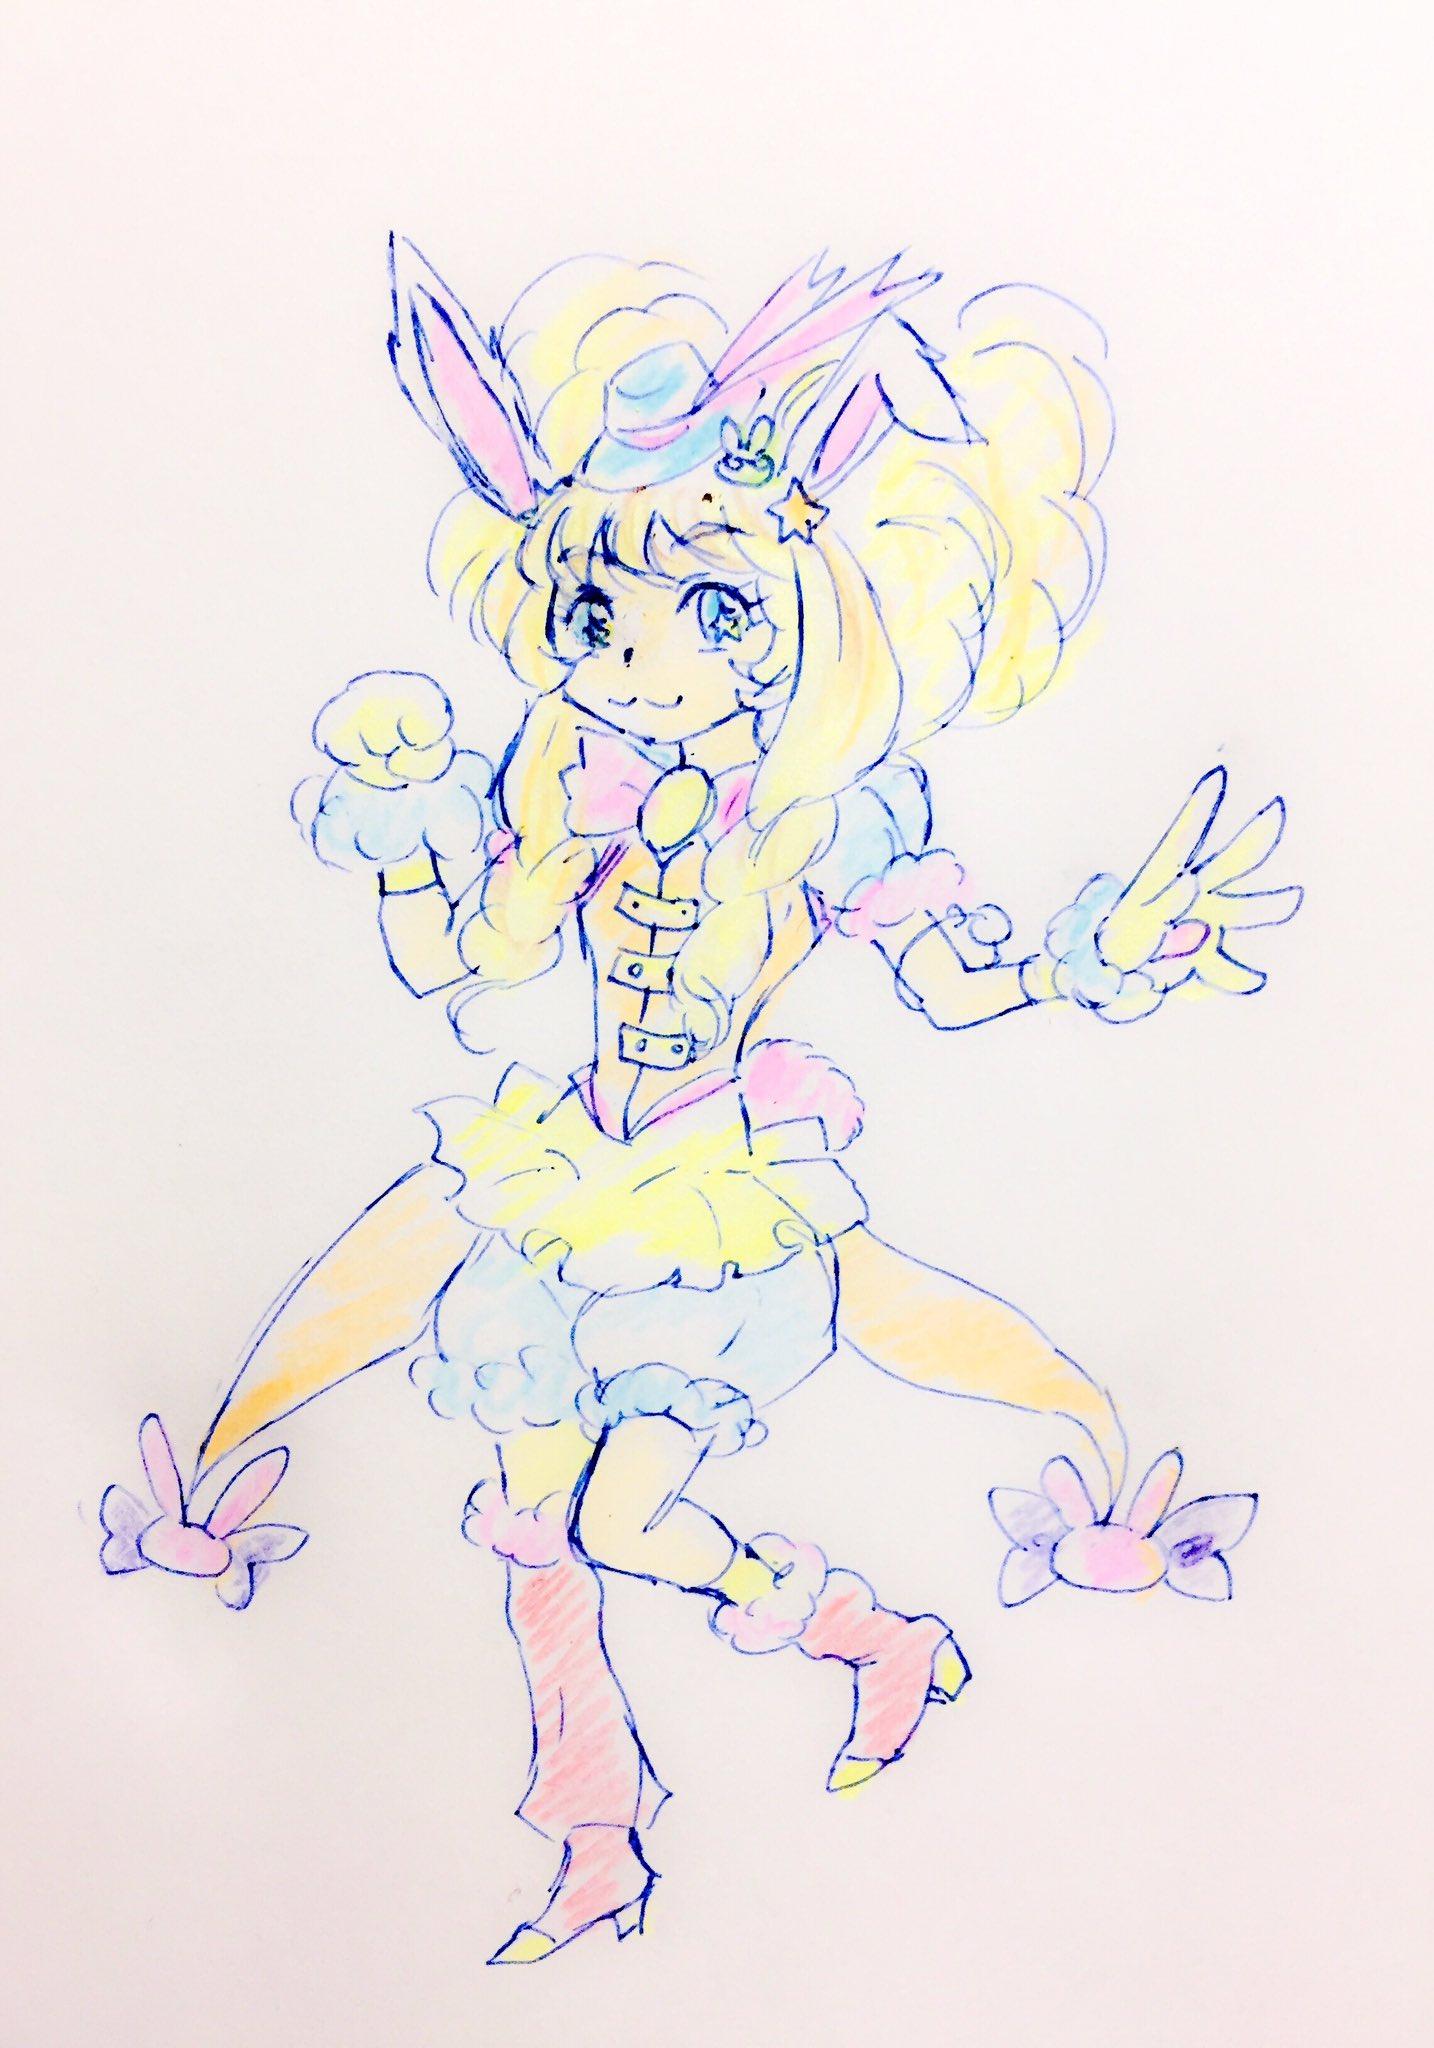 しんぽん☆シン・ポジラの名は。 (@SHIN_YANAI)さんのイラスト